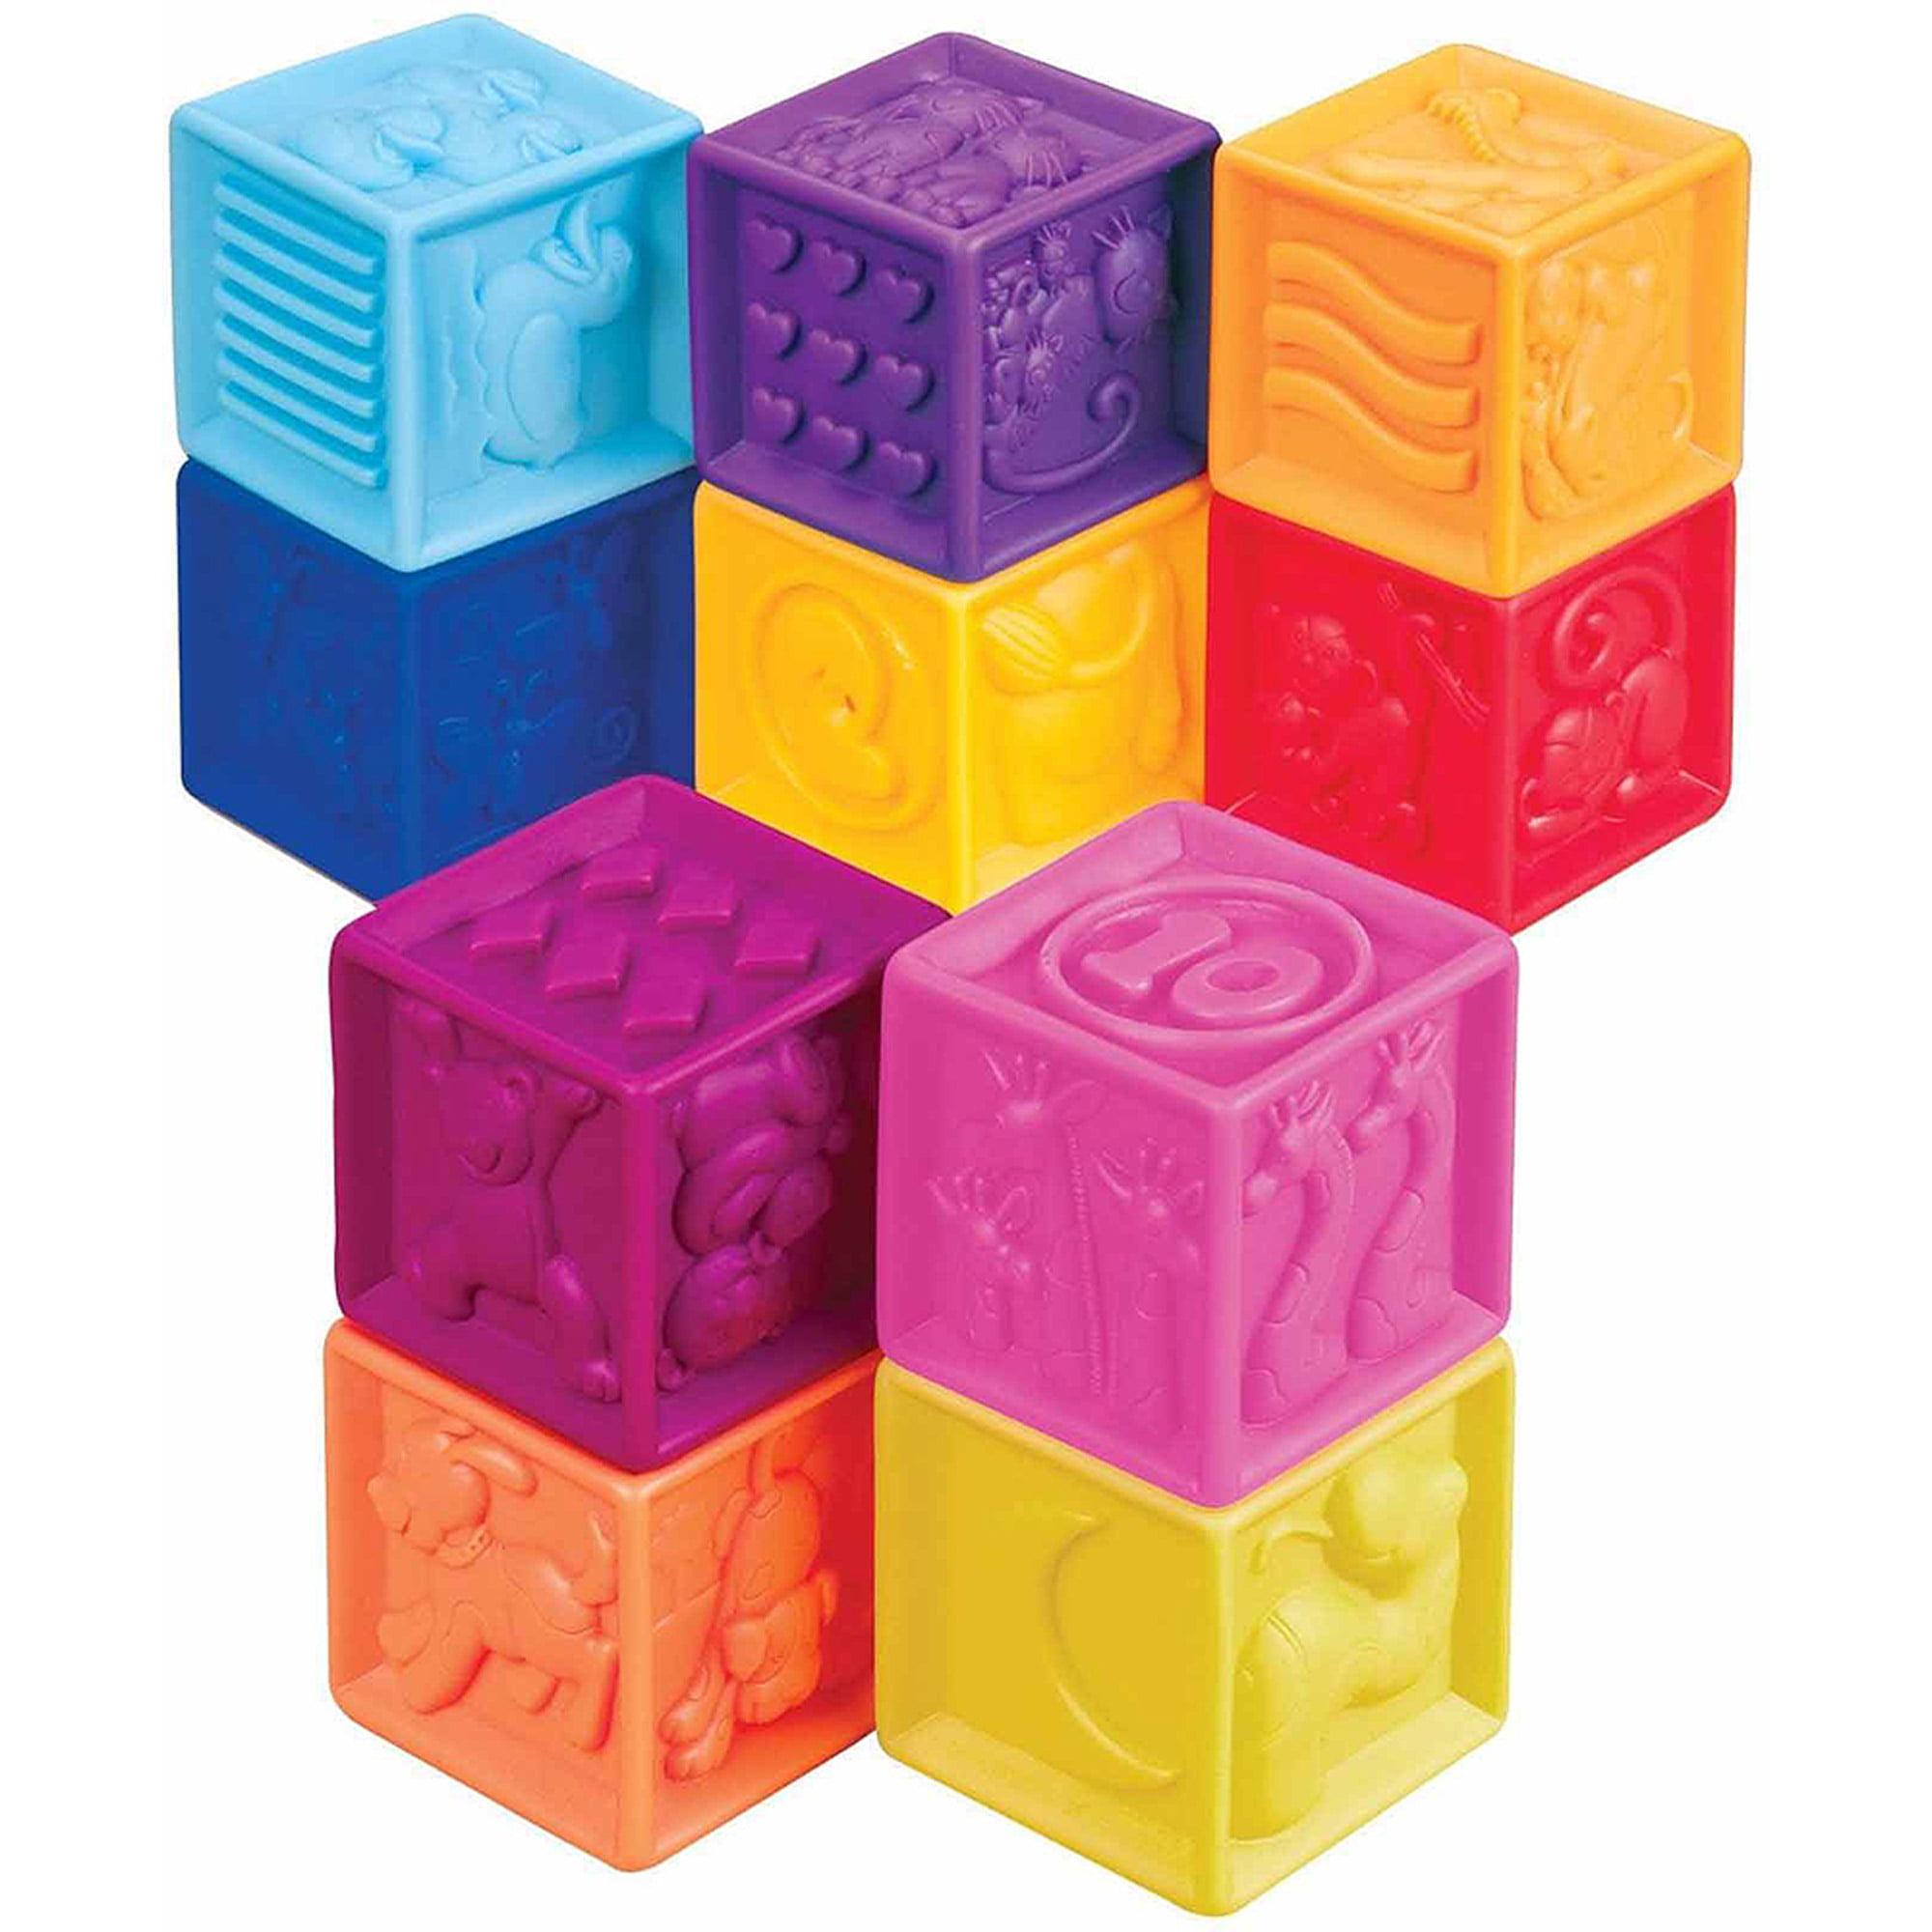 Battat B. One Two Squeeze Blocks by Battat